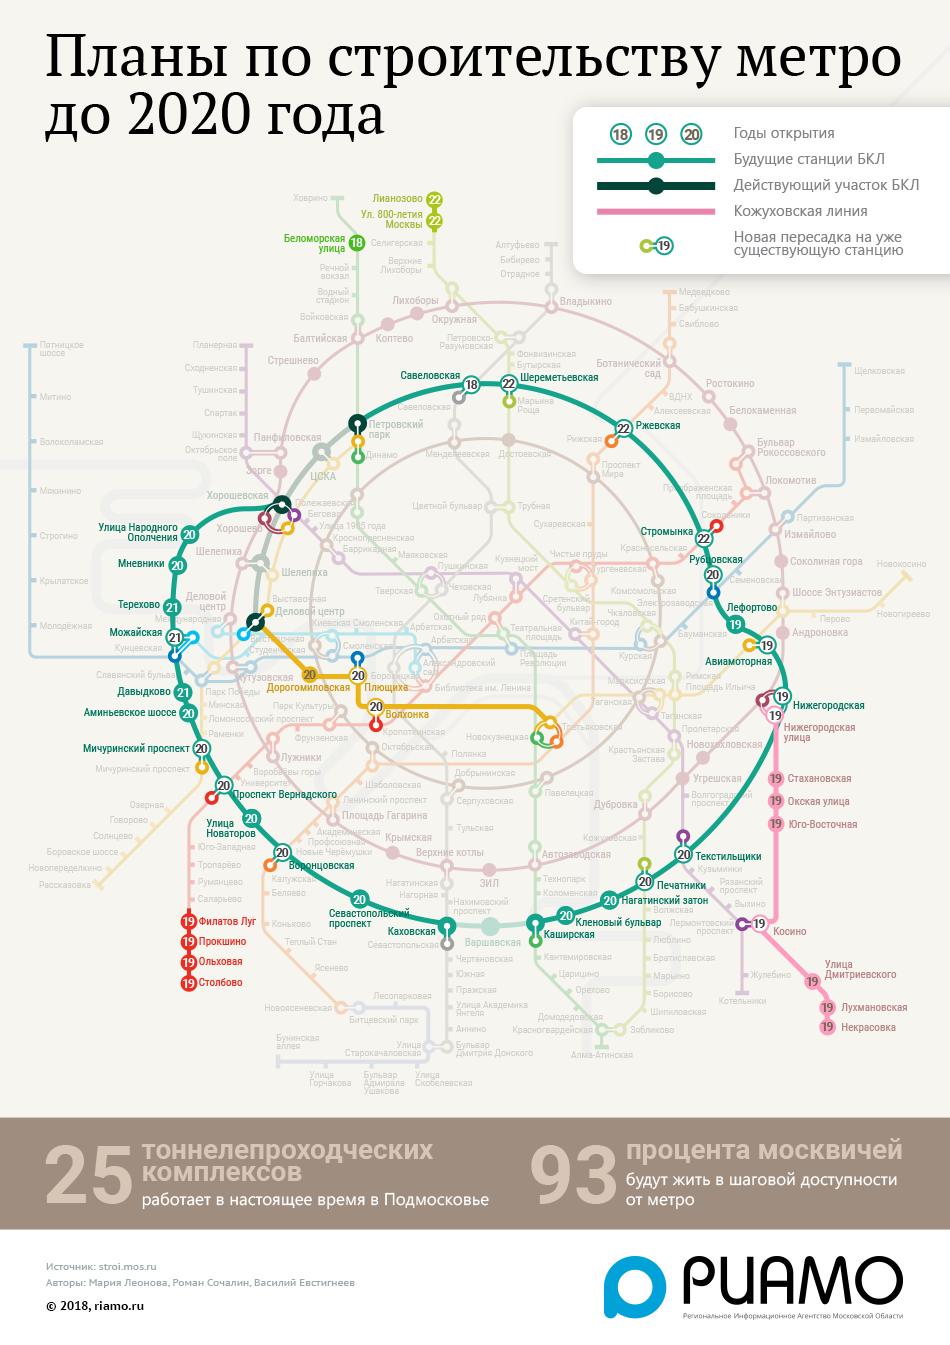 Планы по строительству БКЛ метро